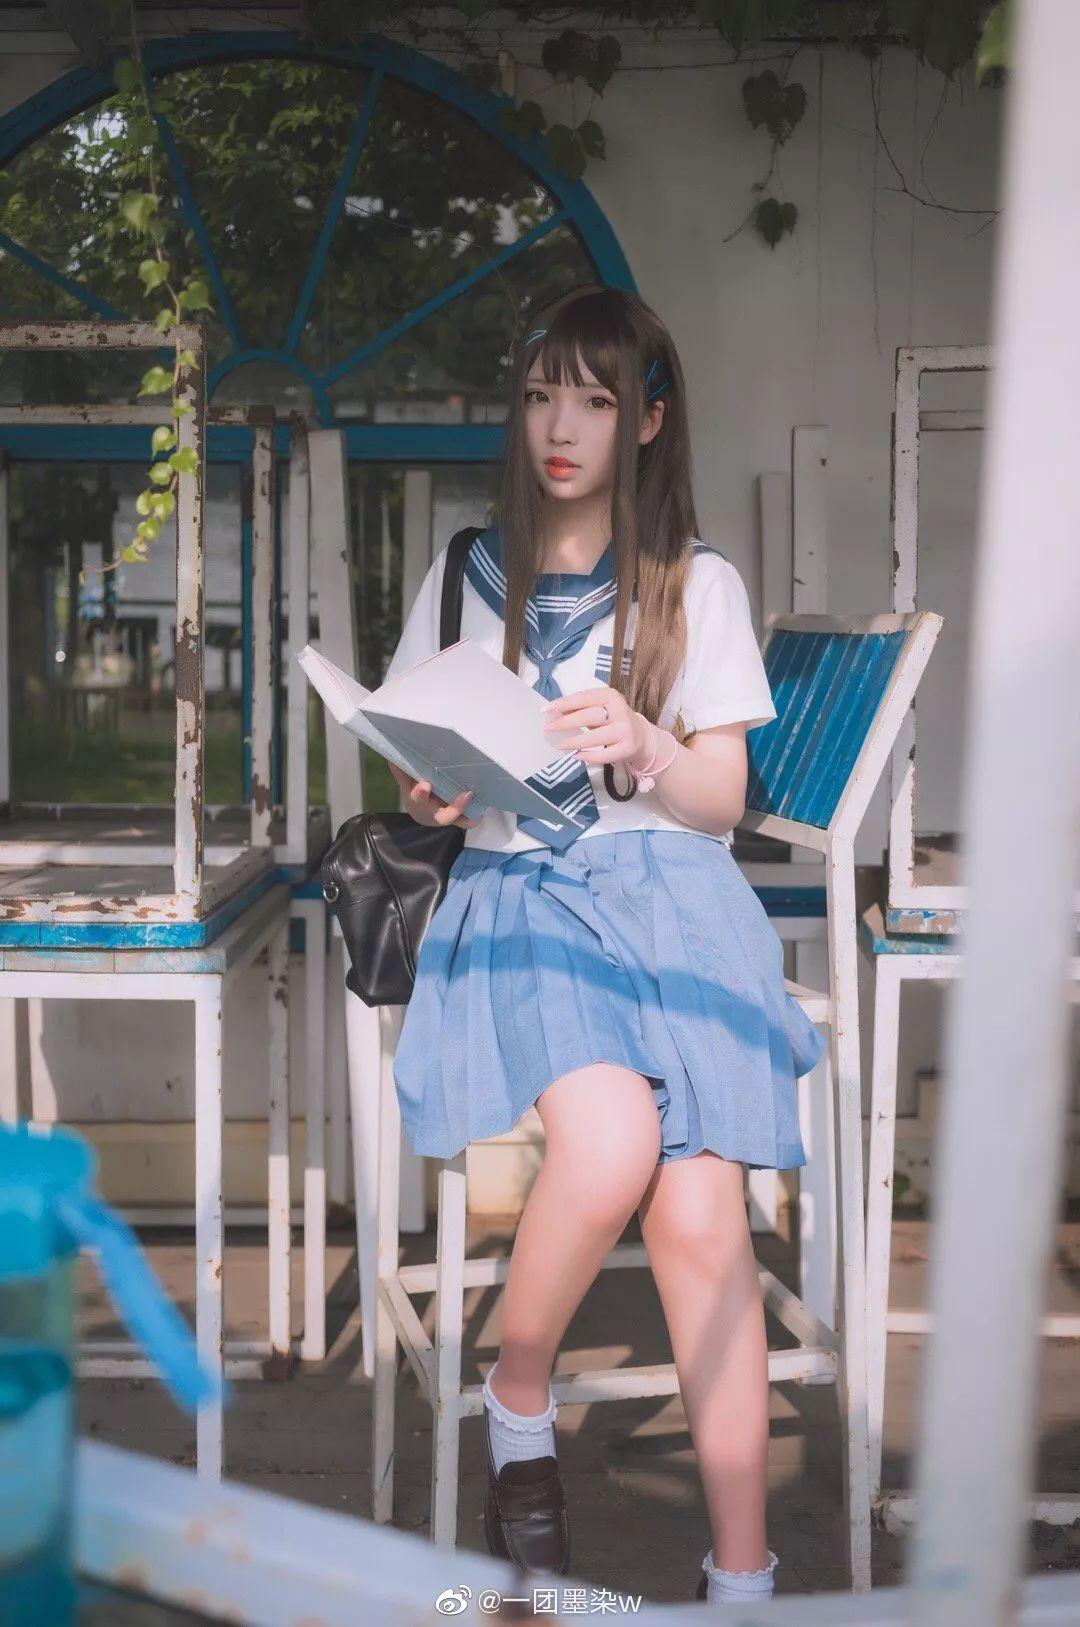 妹子摄影 – 白丝袜连衣裙少女和JK制服元气女孩_图片 No.13